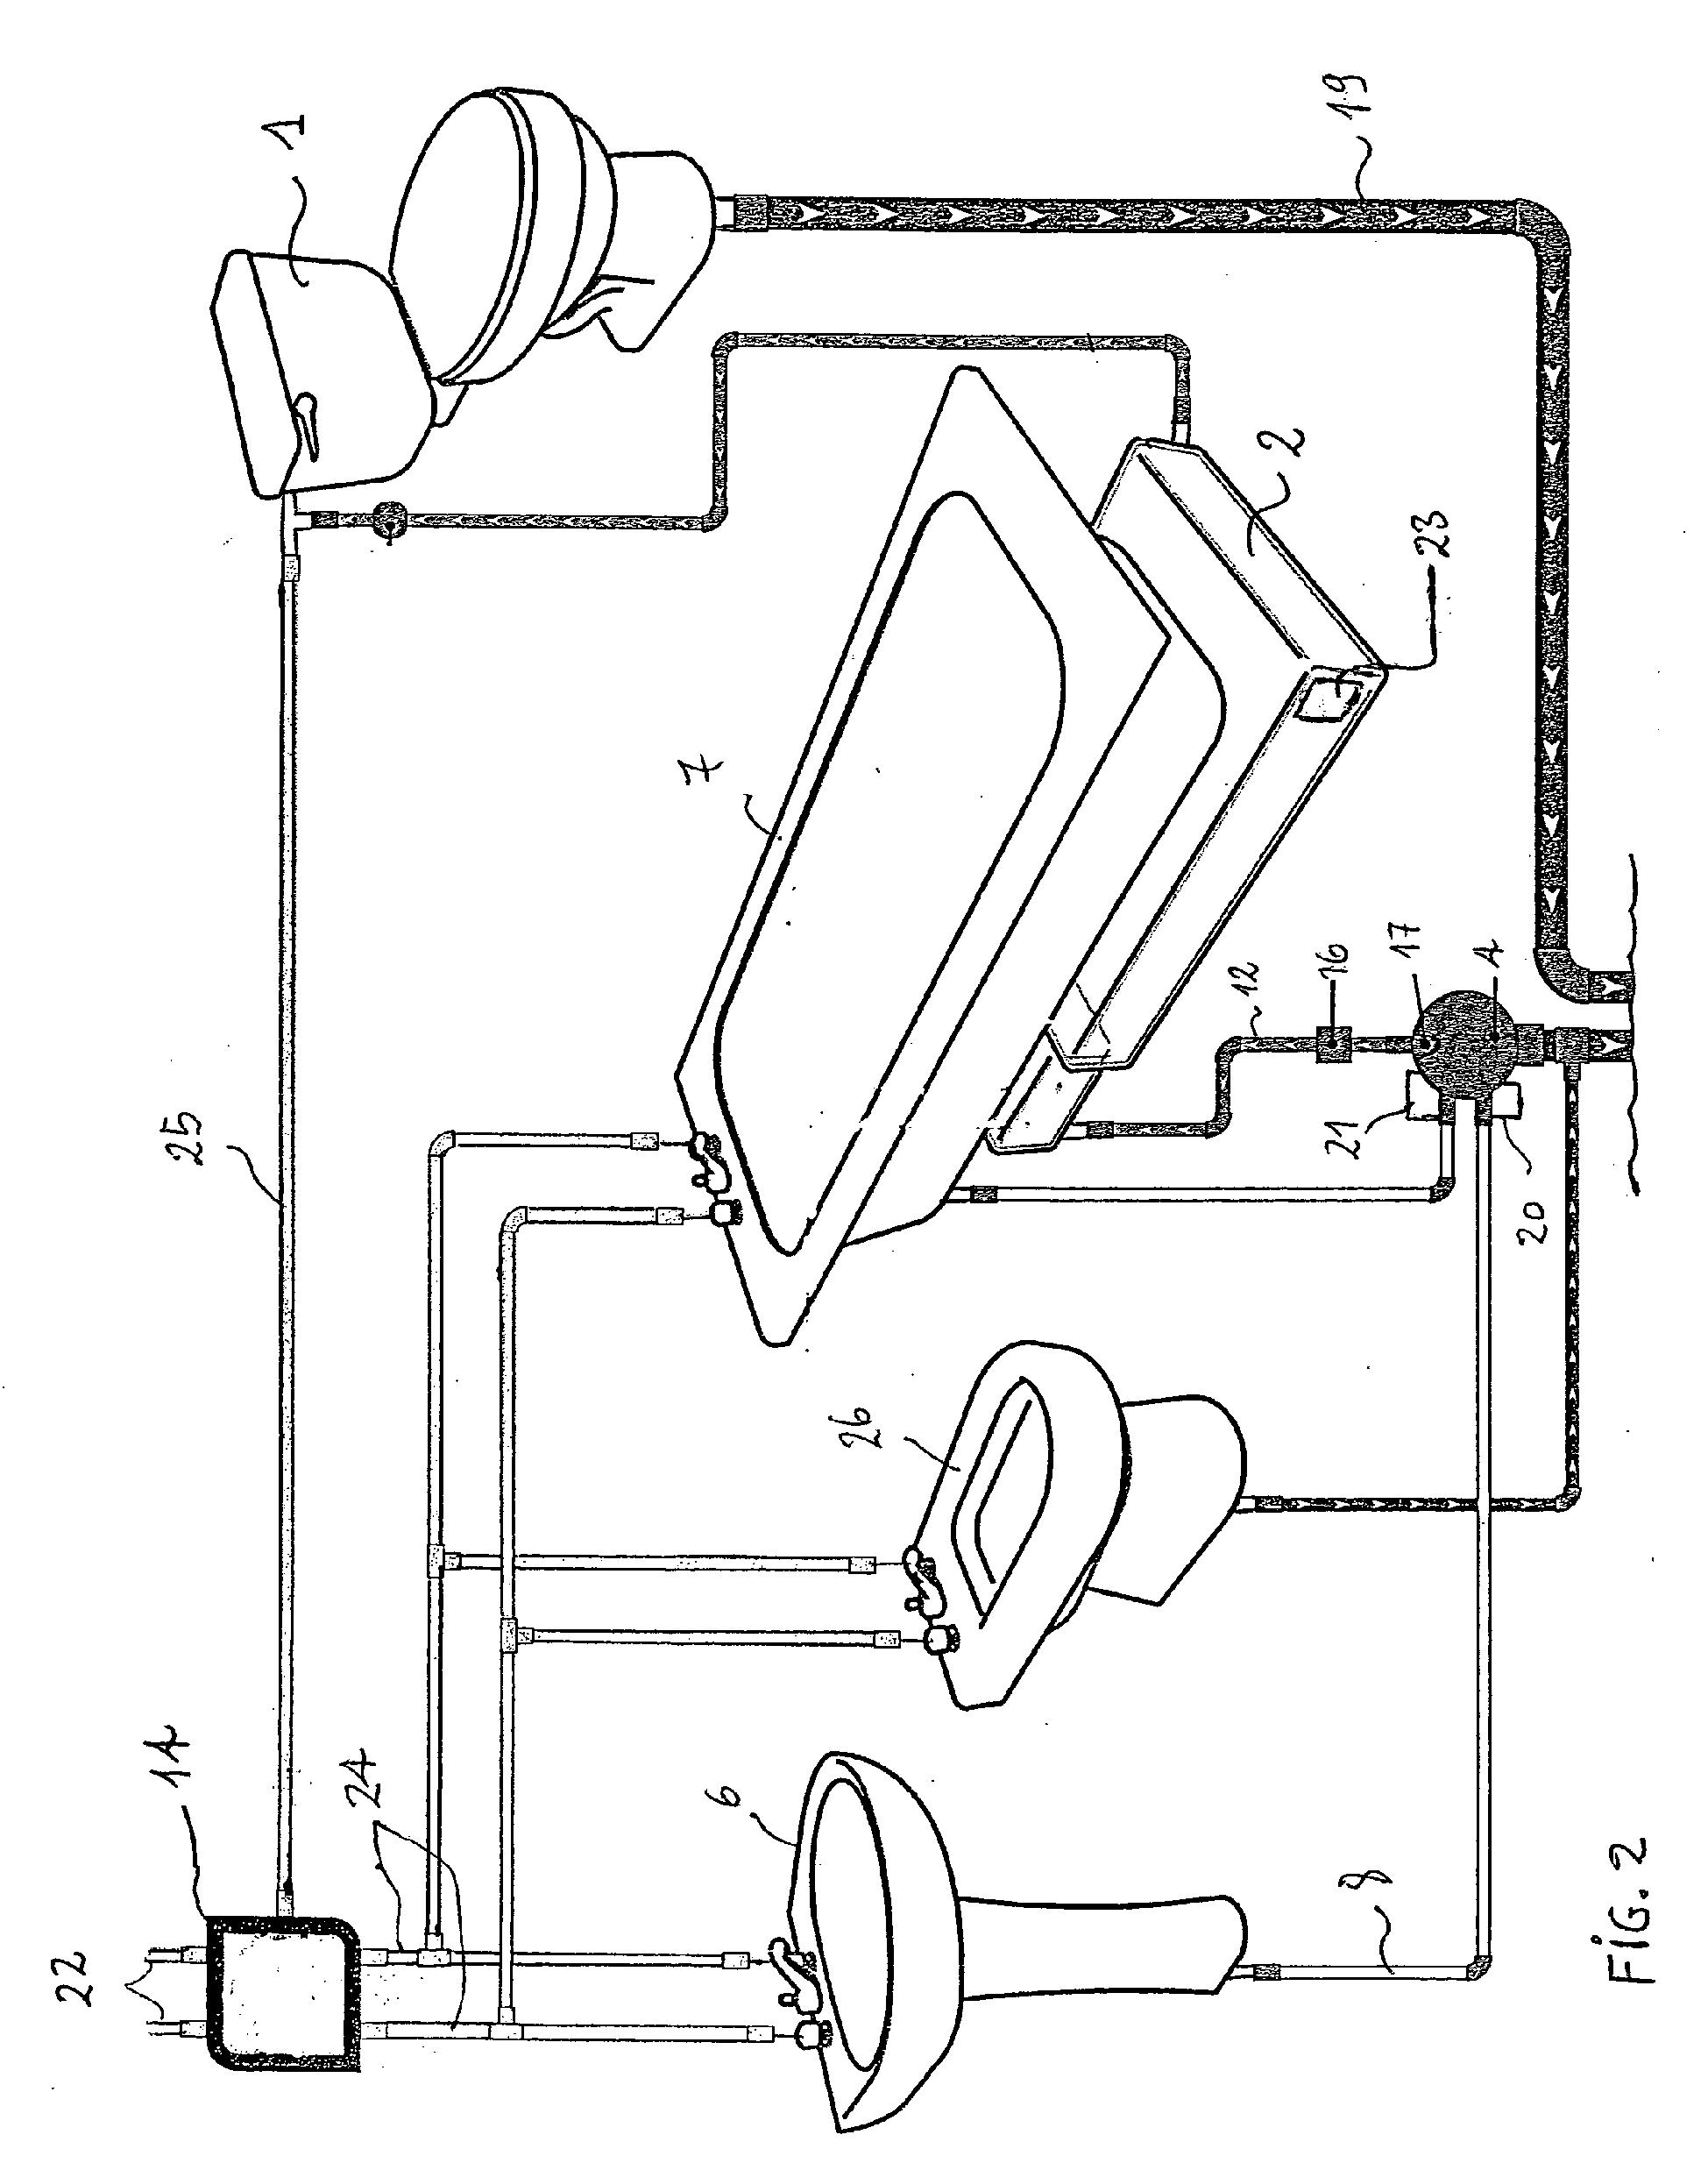 patent ep1741844a1 dispositif de recyclage des eaux. Black Bedroom Furniture Sets. Home Design Ideas